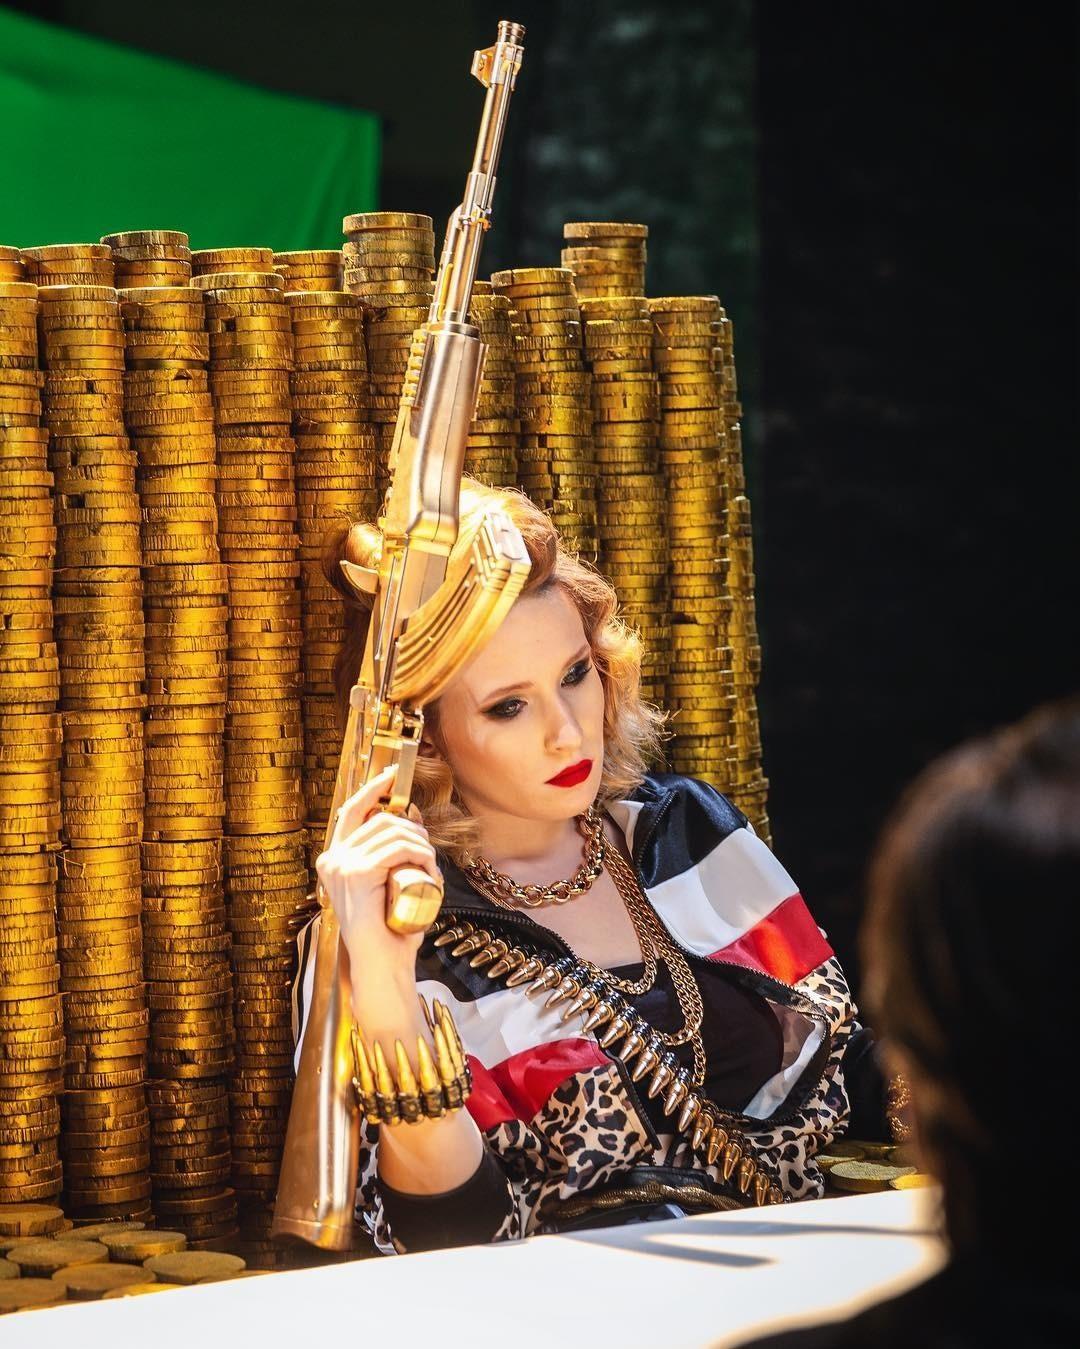 Лиза Монеточка высмеяла «гэнгста-рэперов» всвоем новом клипе напесню «Нимфоманка»